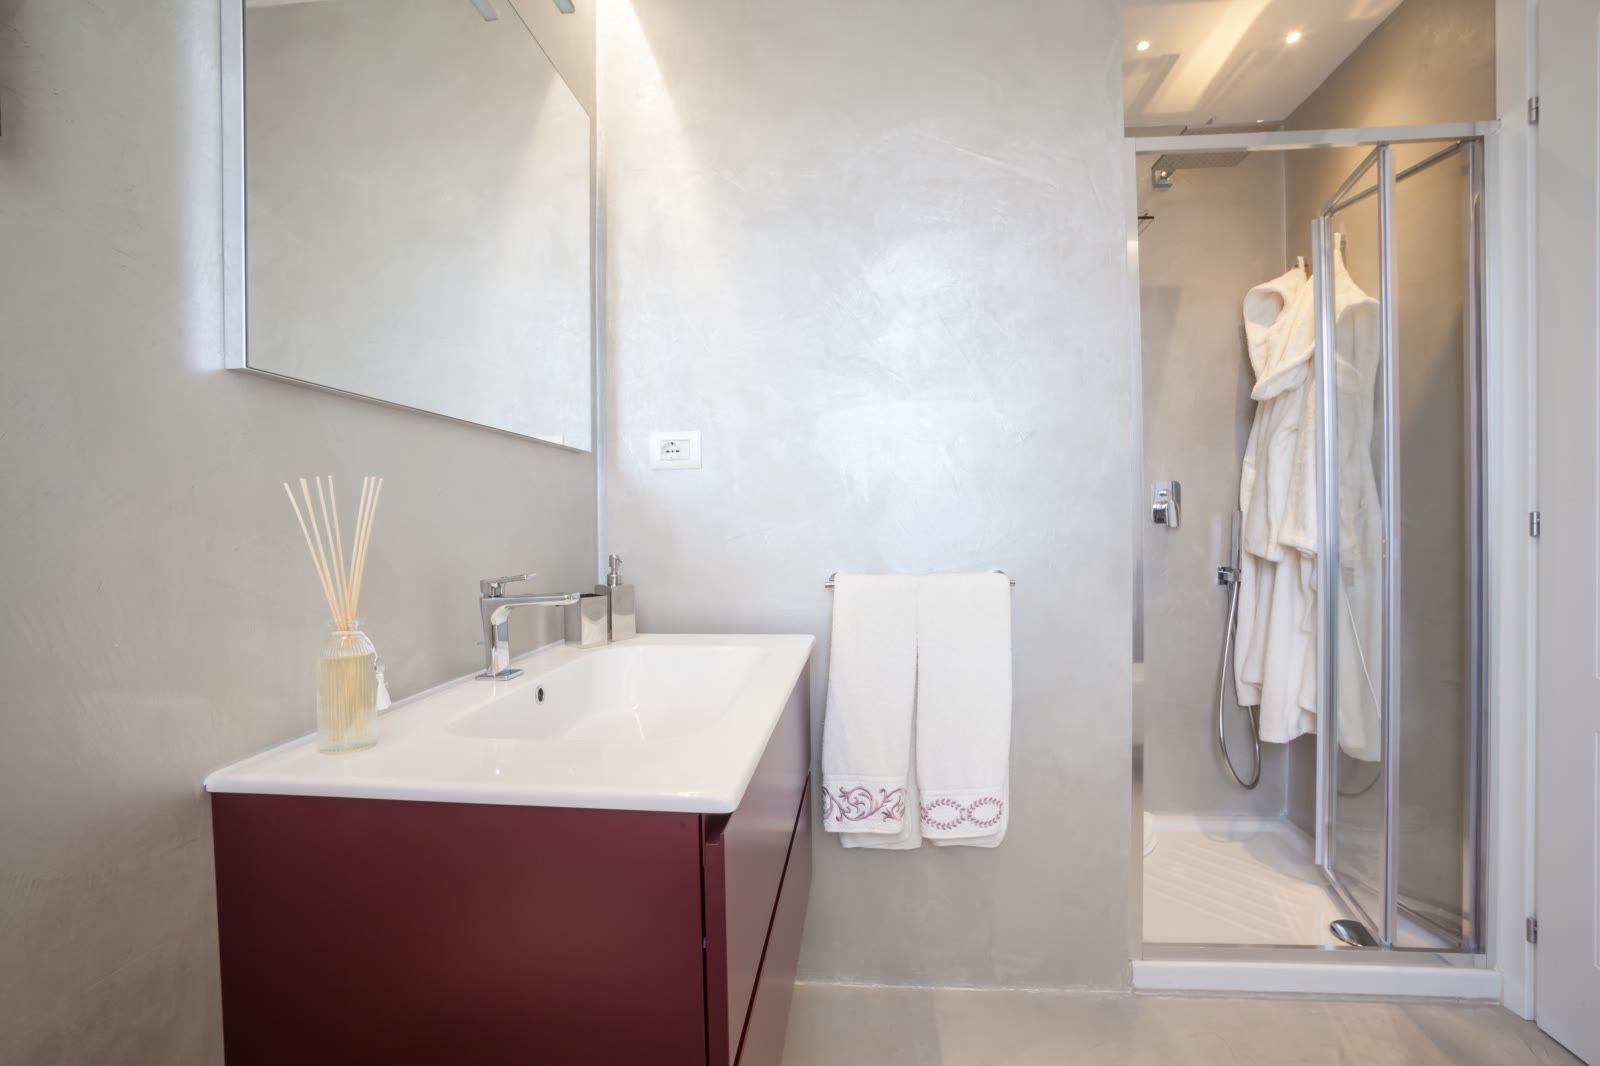 Covermax resine pavimenti e pareti in resina per il bagno il bagno